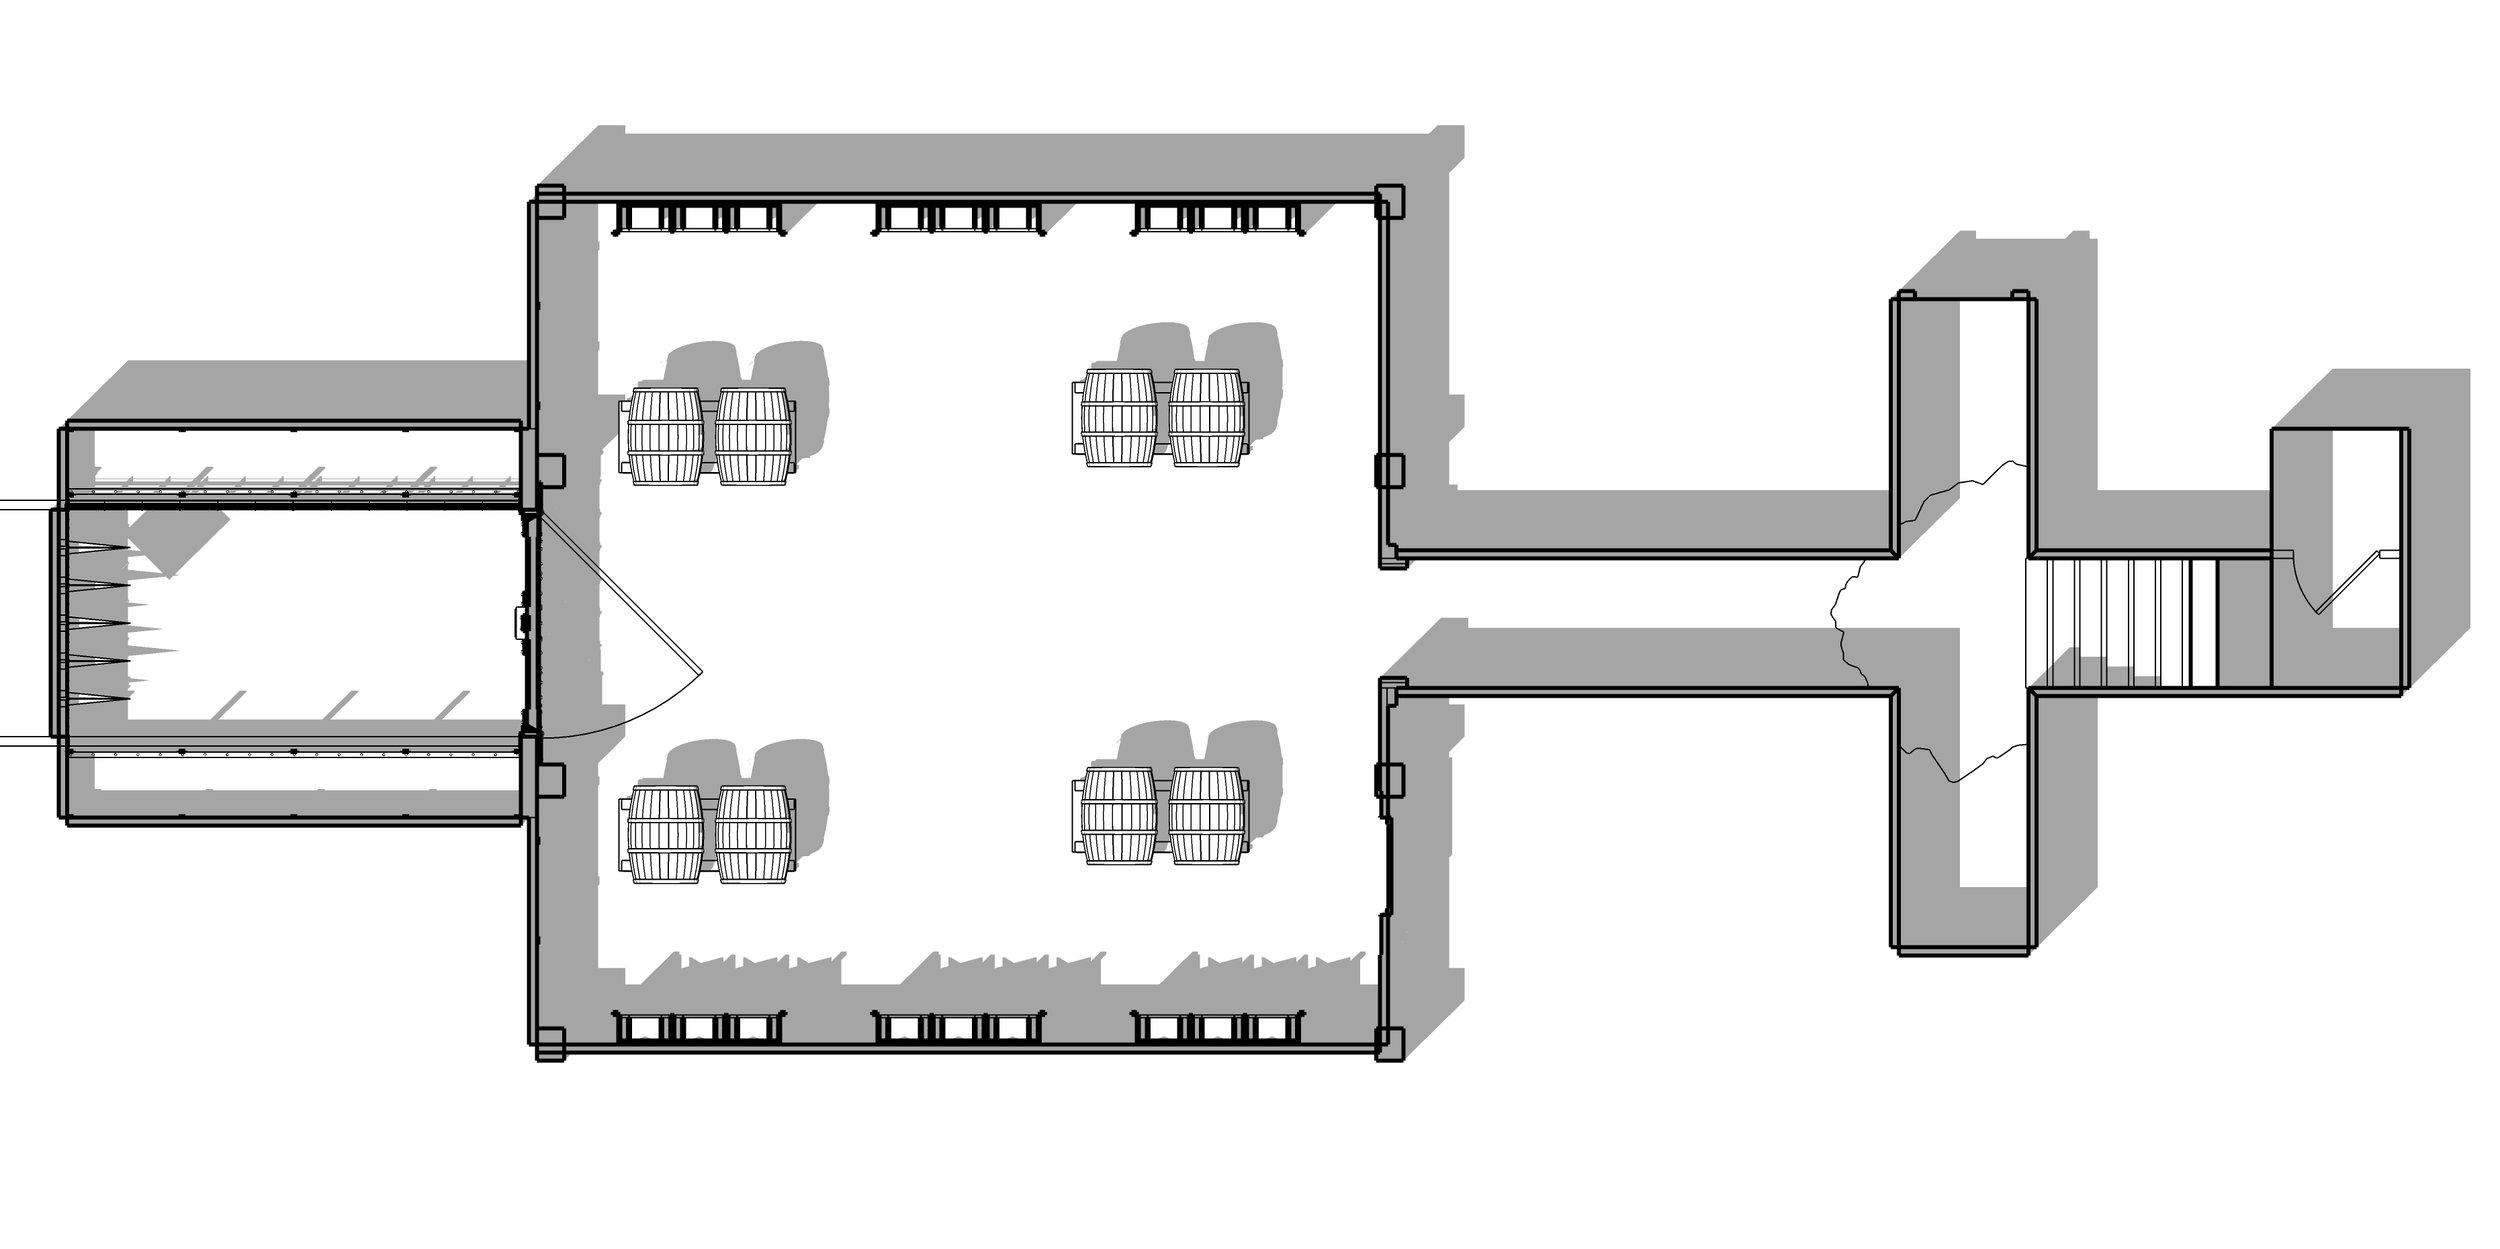 Basement and Vault_3D PLAN.jpg